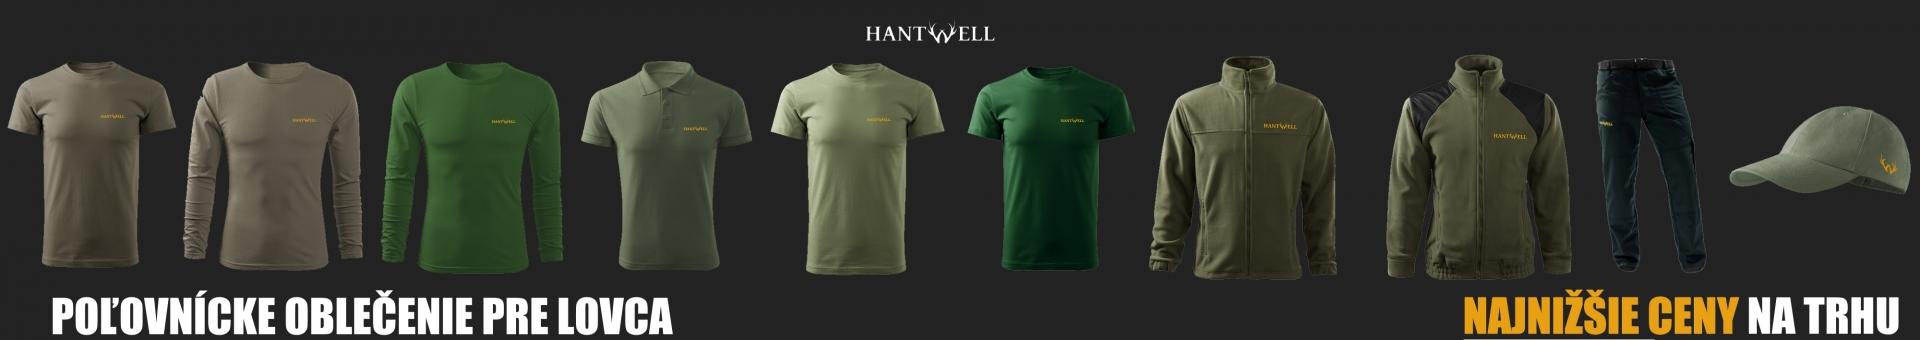 Poľovnícke oblečenie HANTWELL